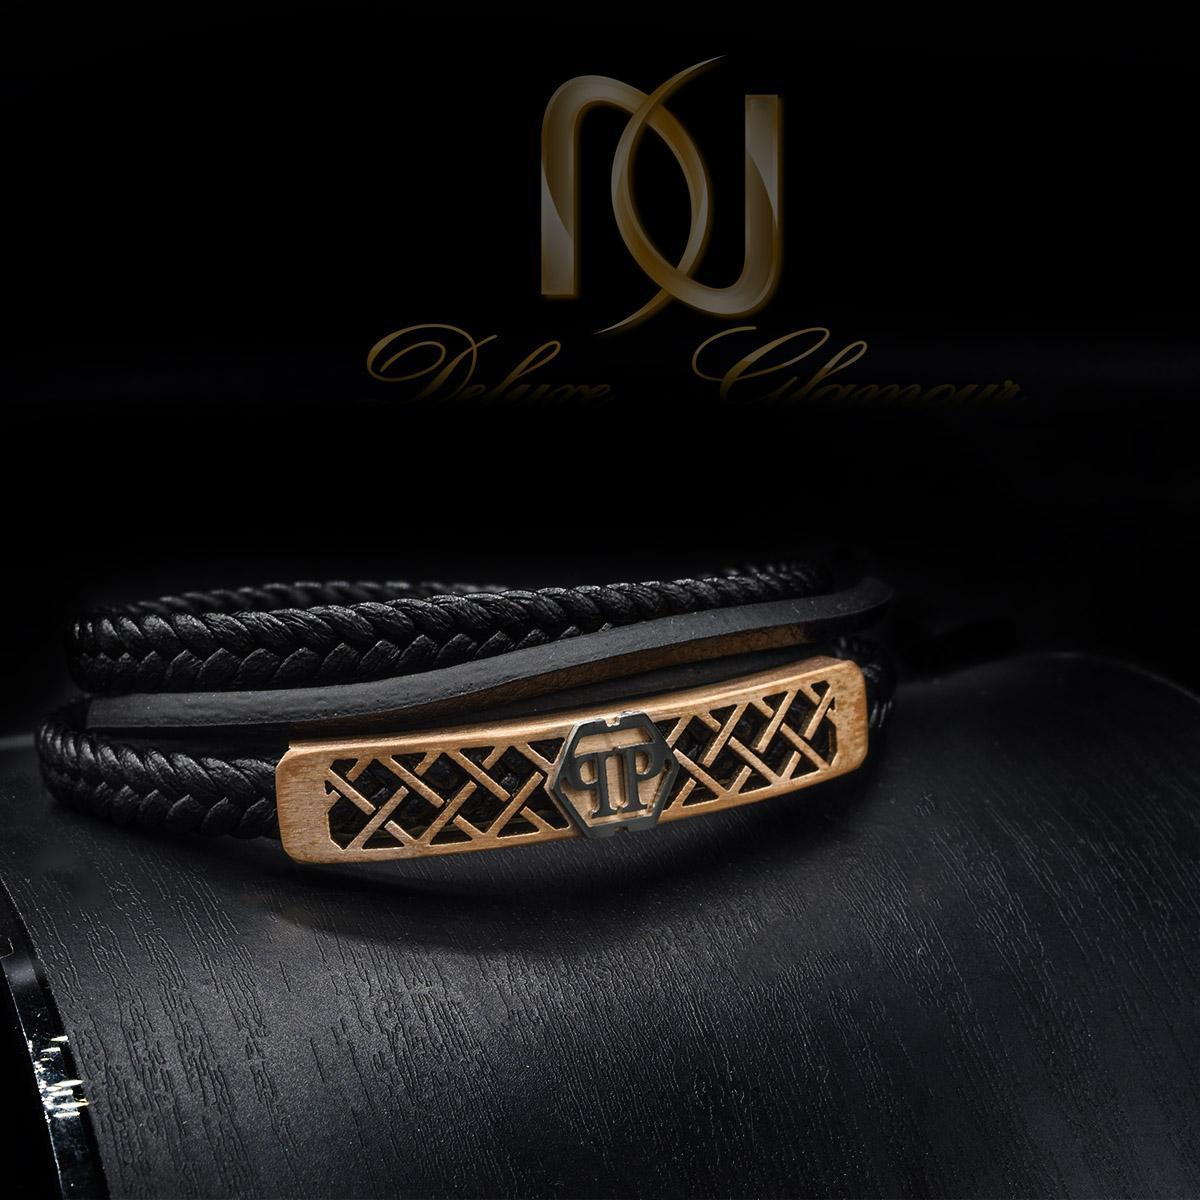 دستبند چرم مردانه اسپرت چهار ردیفه DS-N434 از نمای مشکی